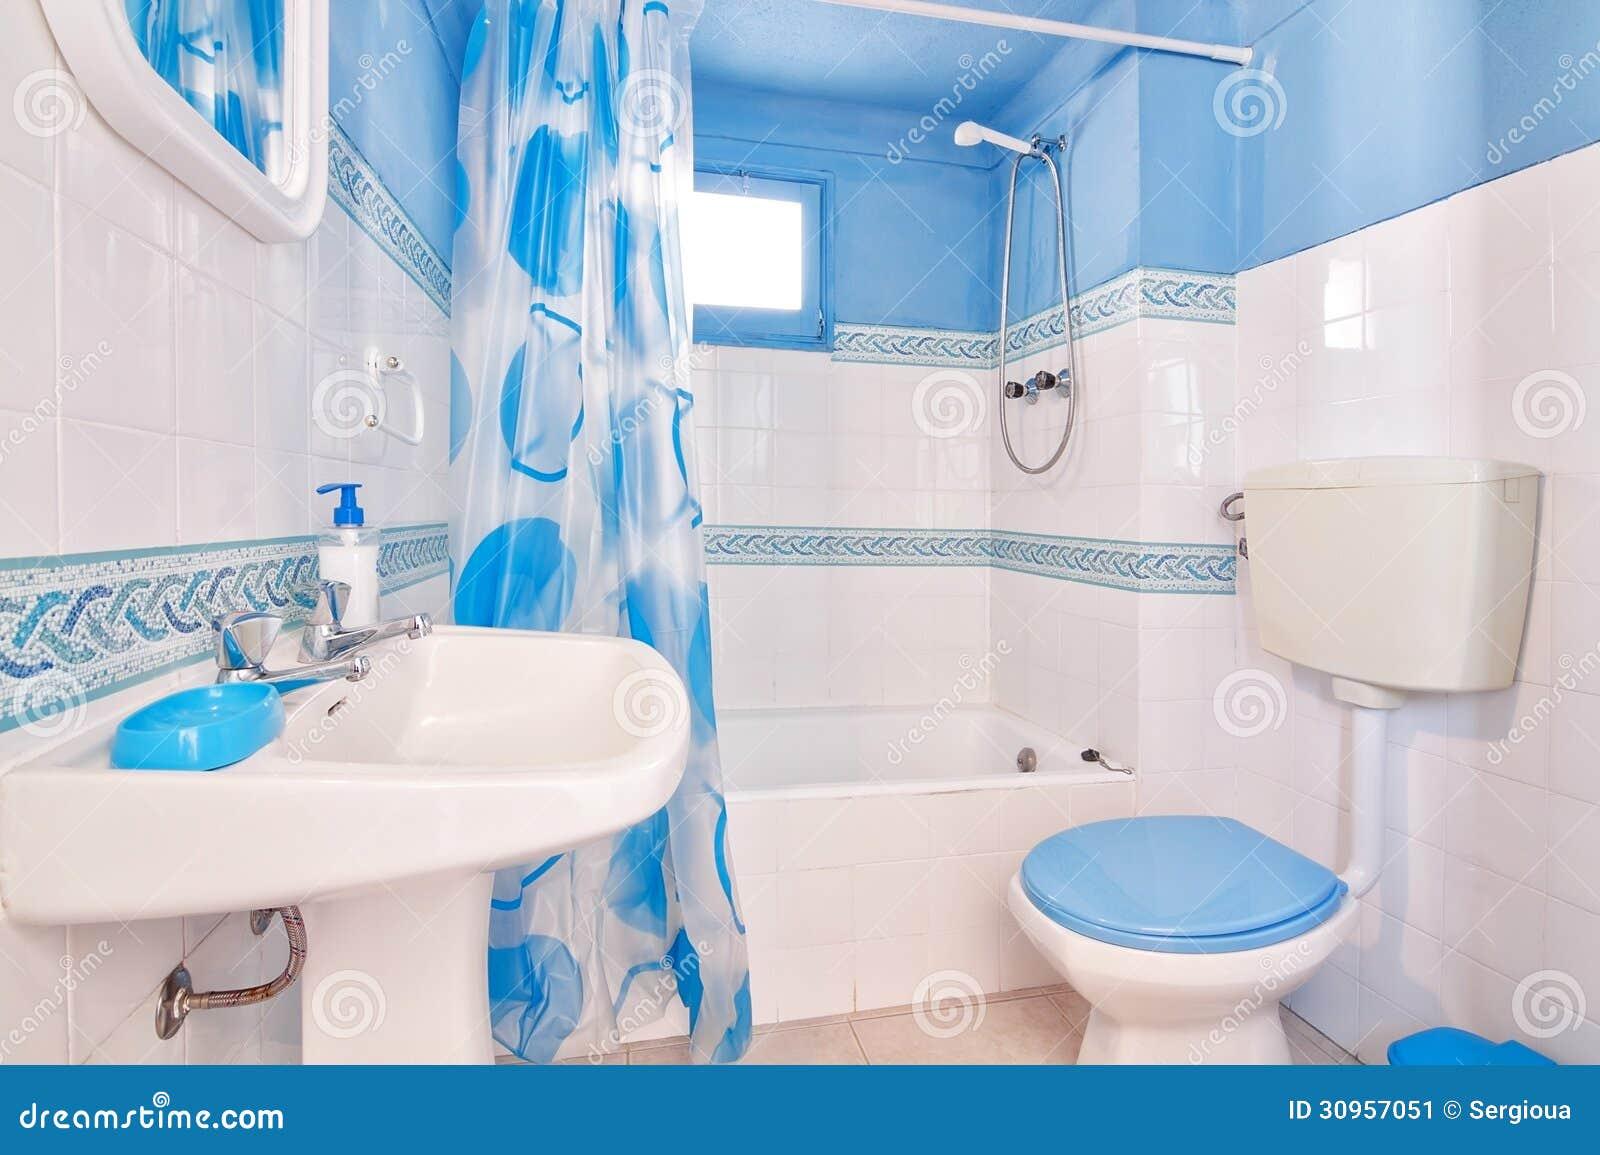 blaues badezimmer | möbelideen, Hause ideen